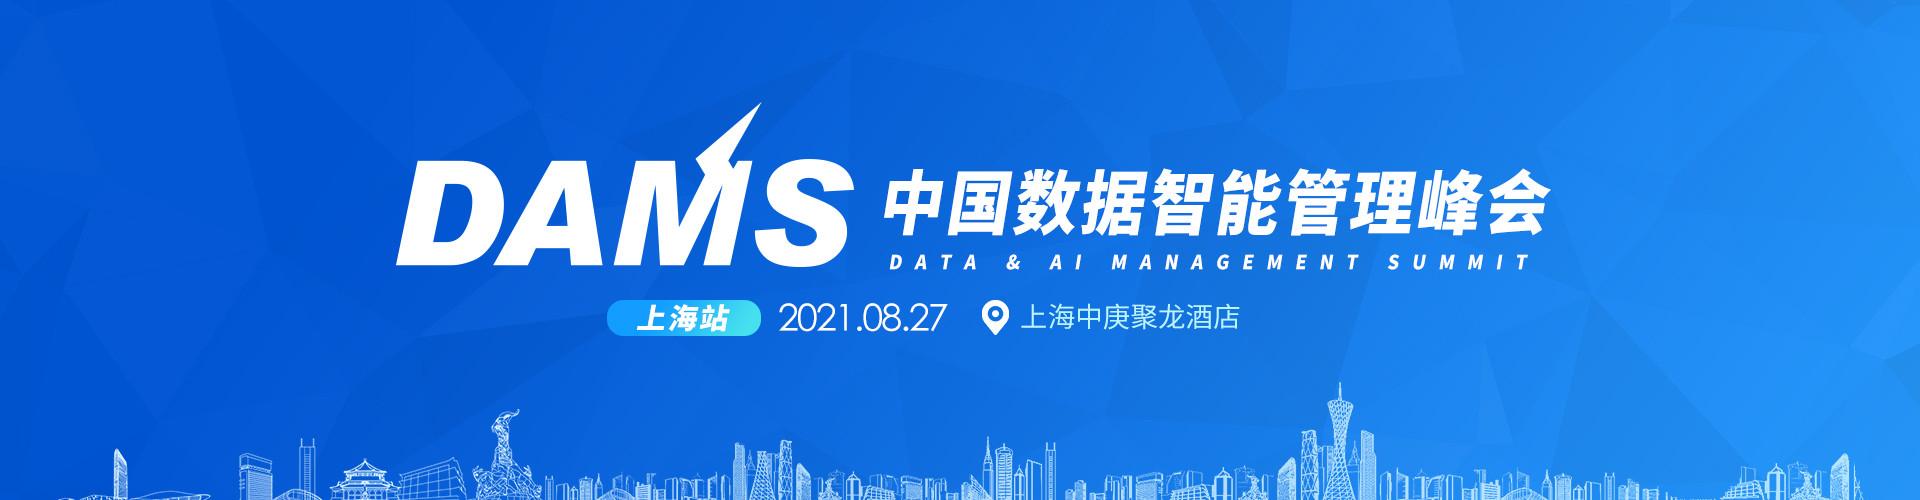 DAMS2021 中国数据智能管理峰会(上海)